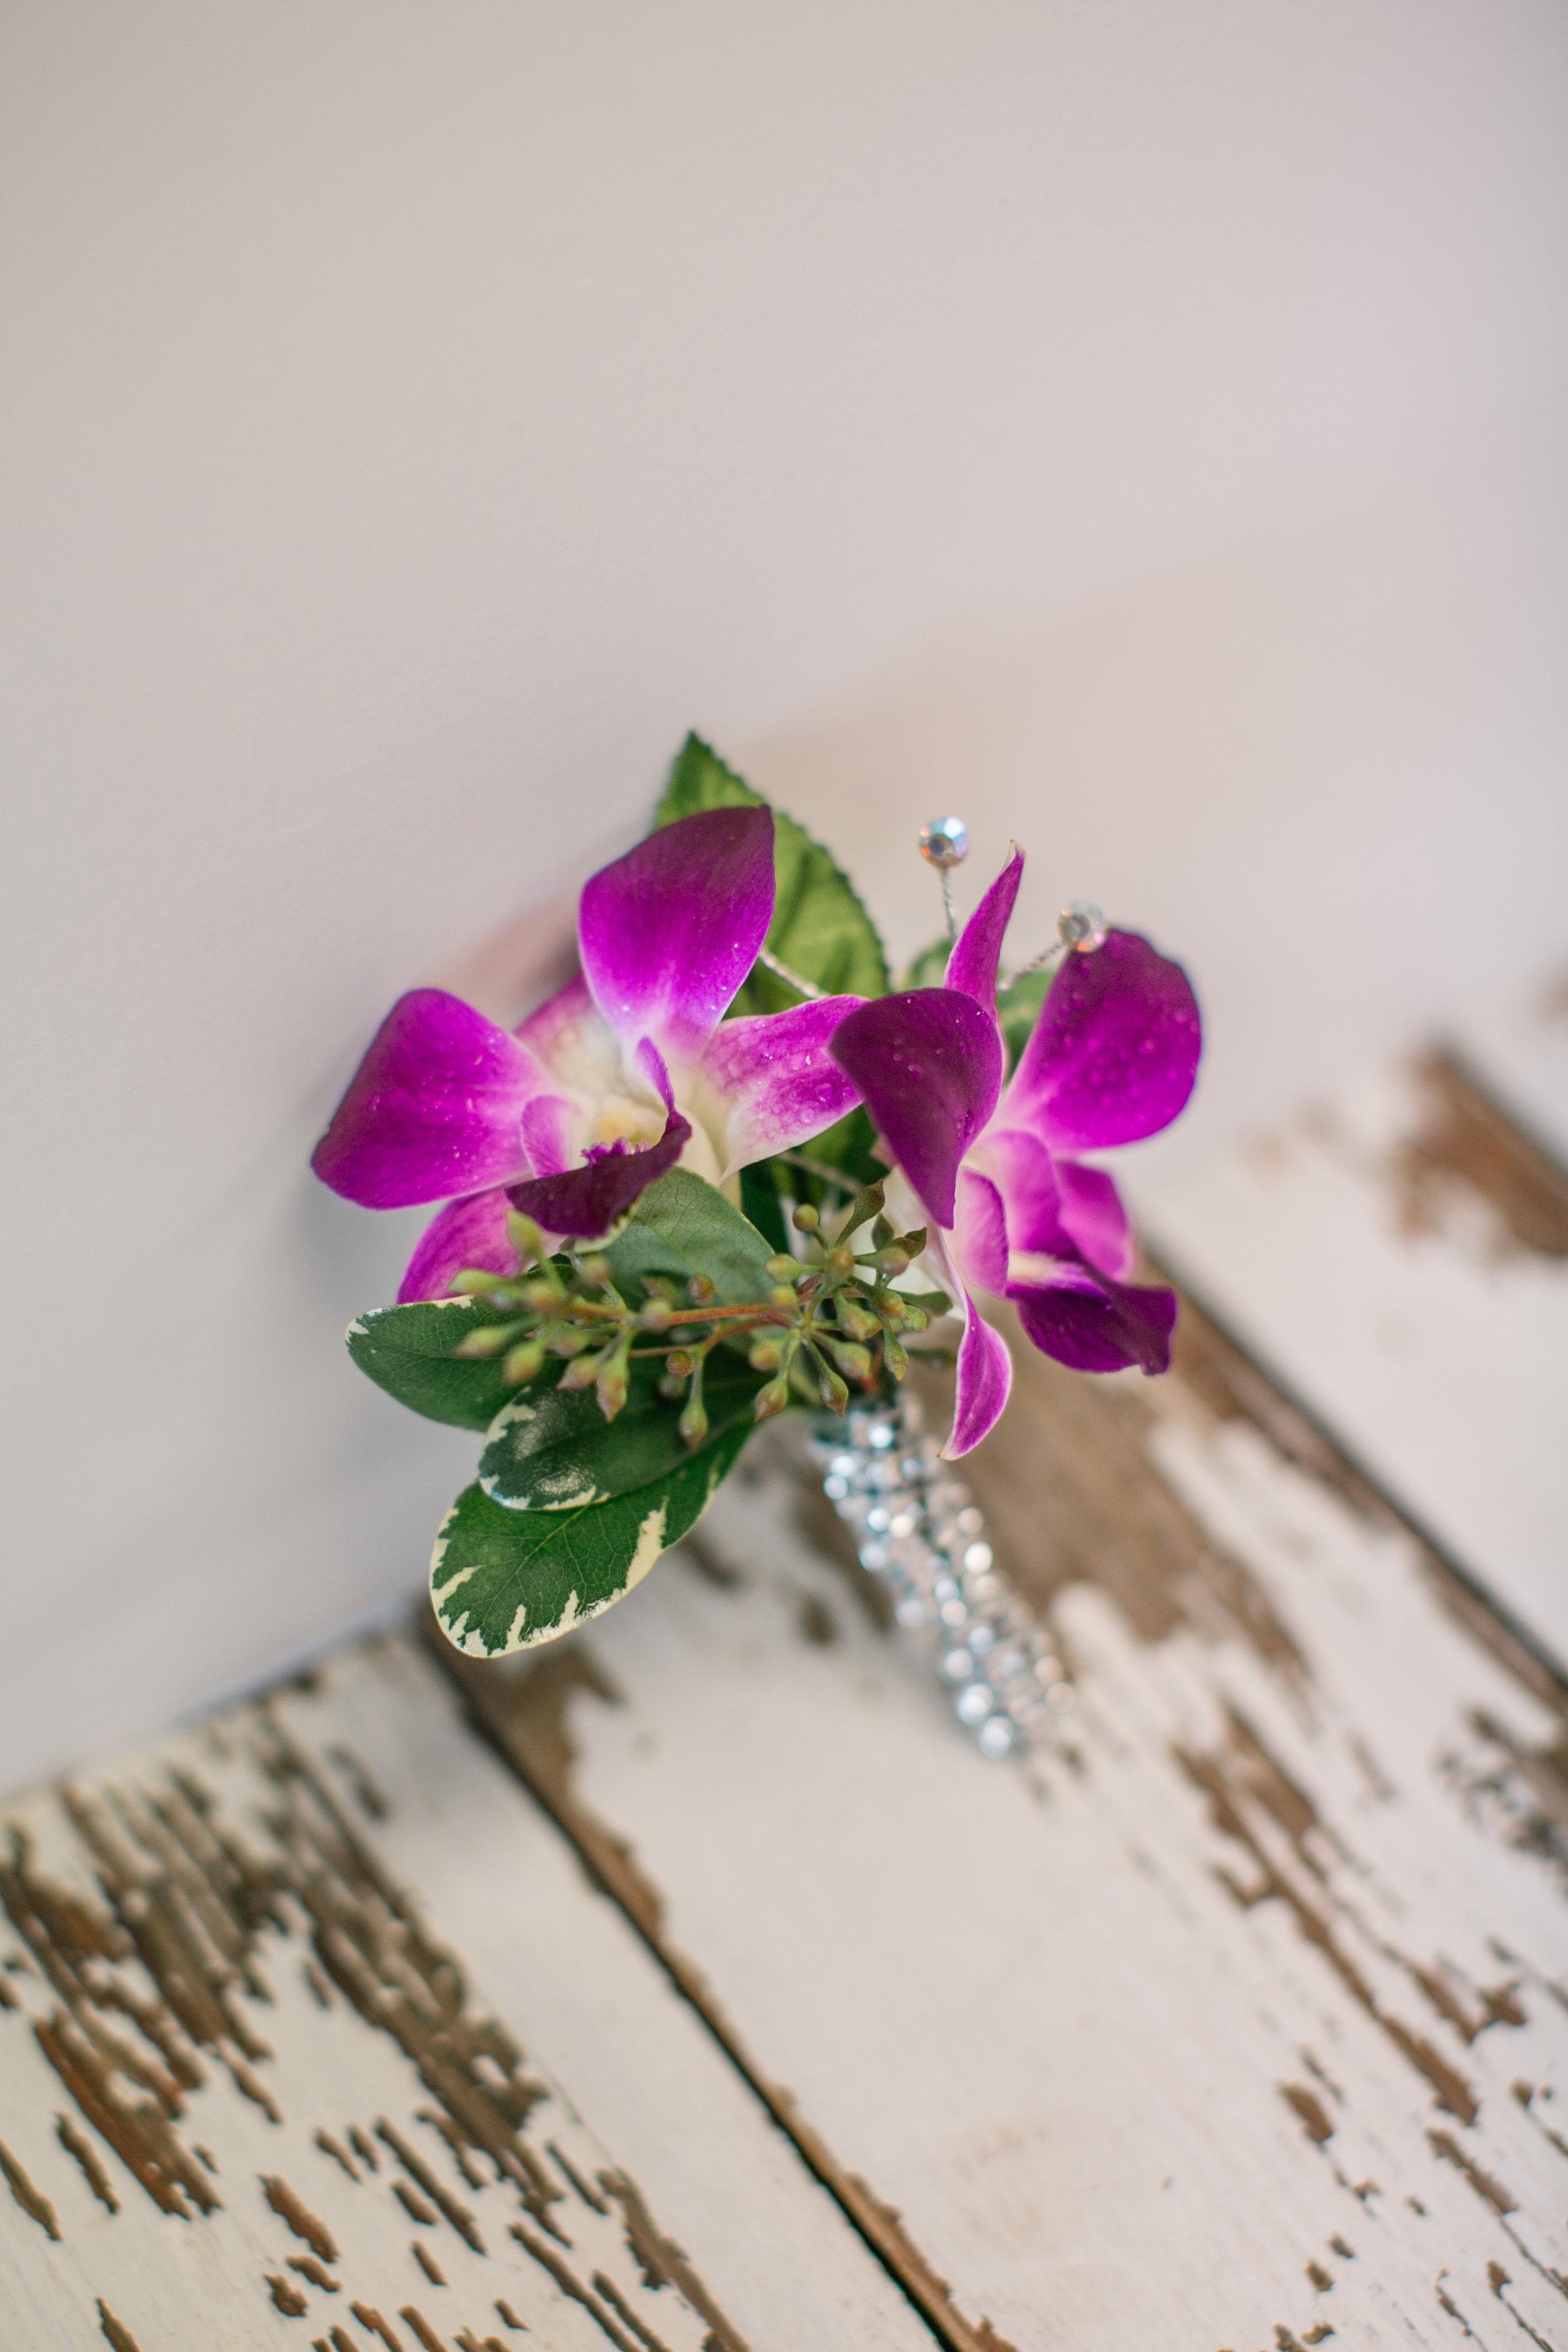 LAV-BLUE-des-moines-prom-flowers-14.jpg